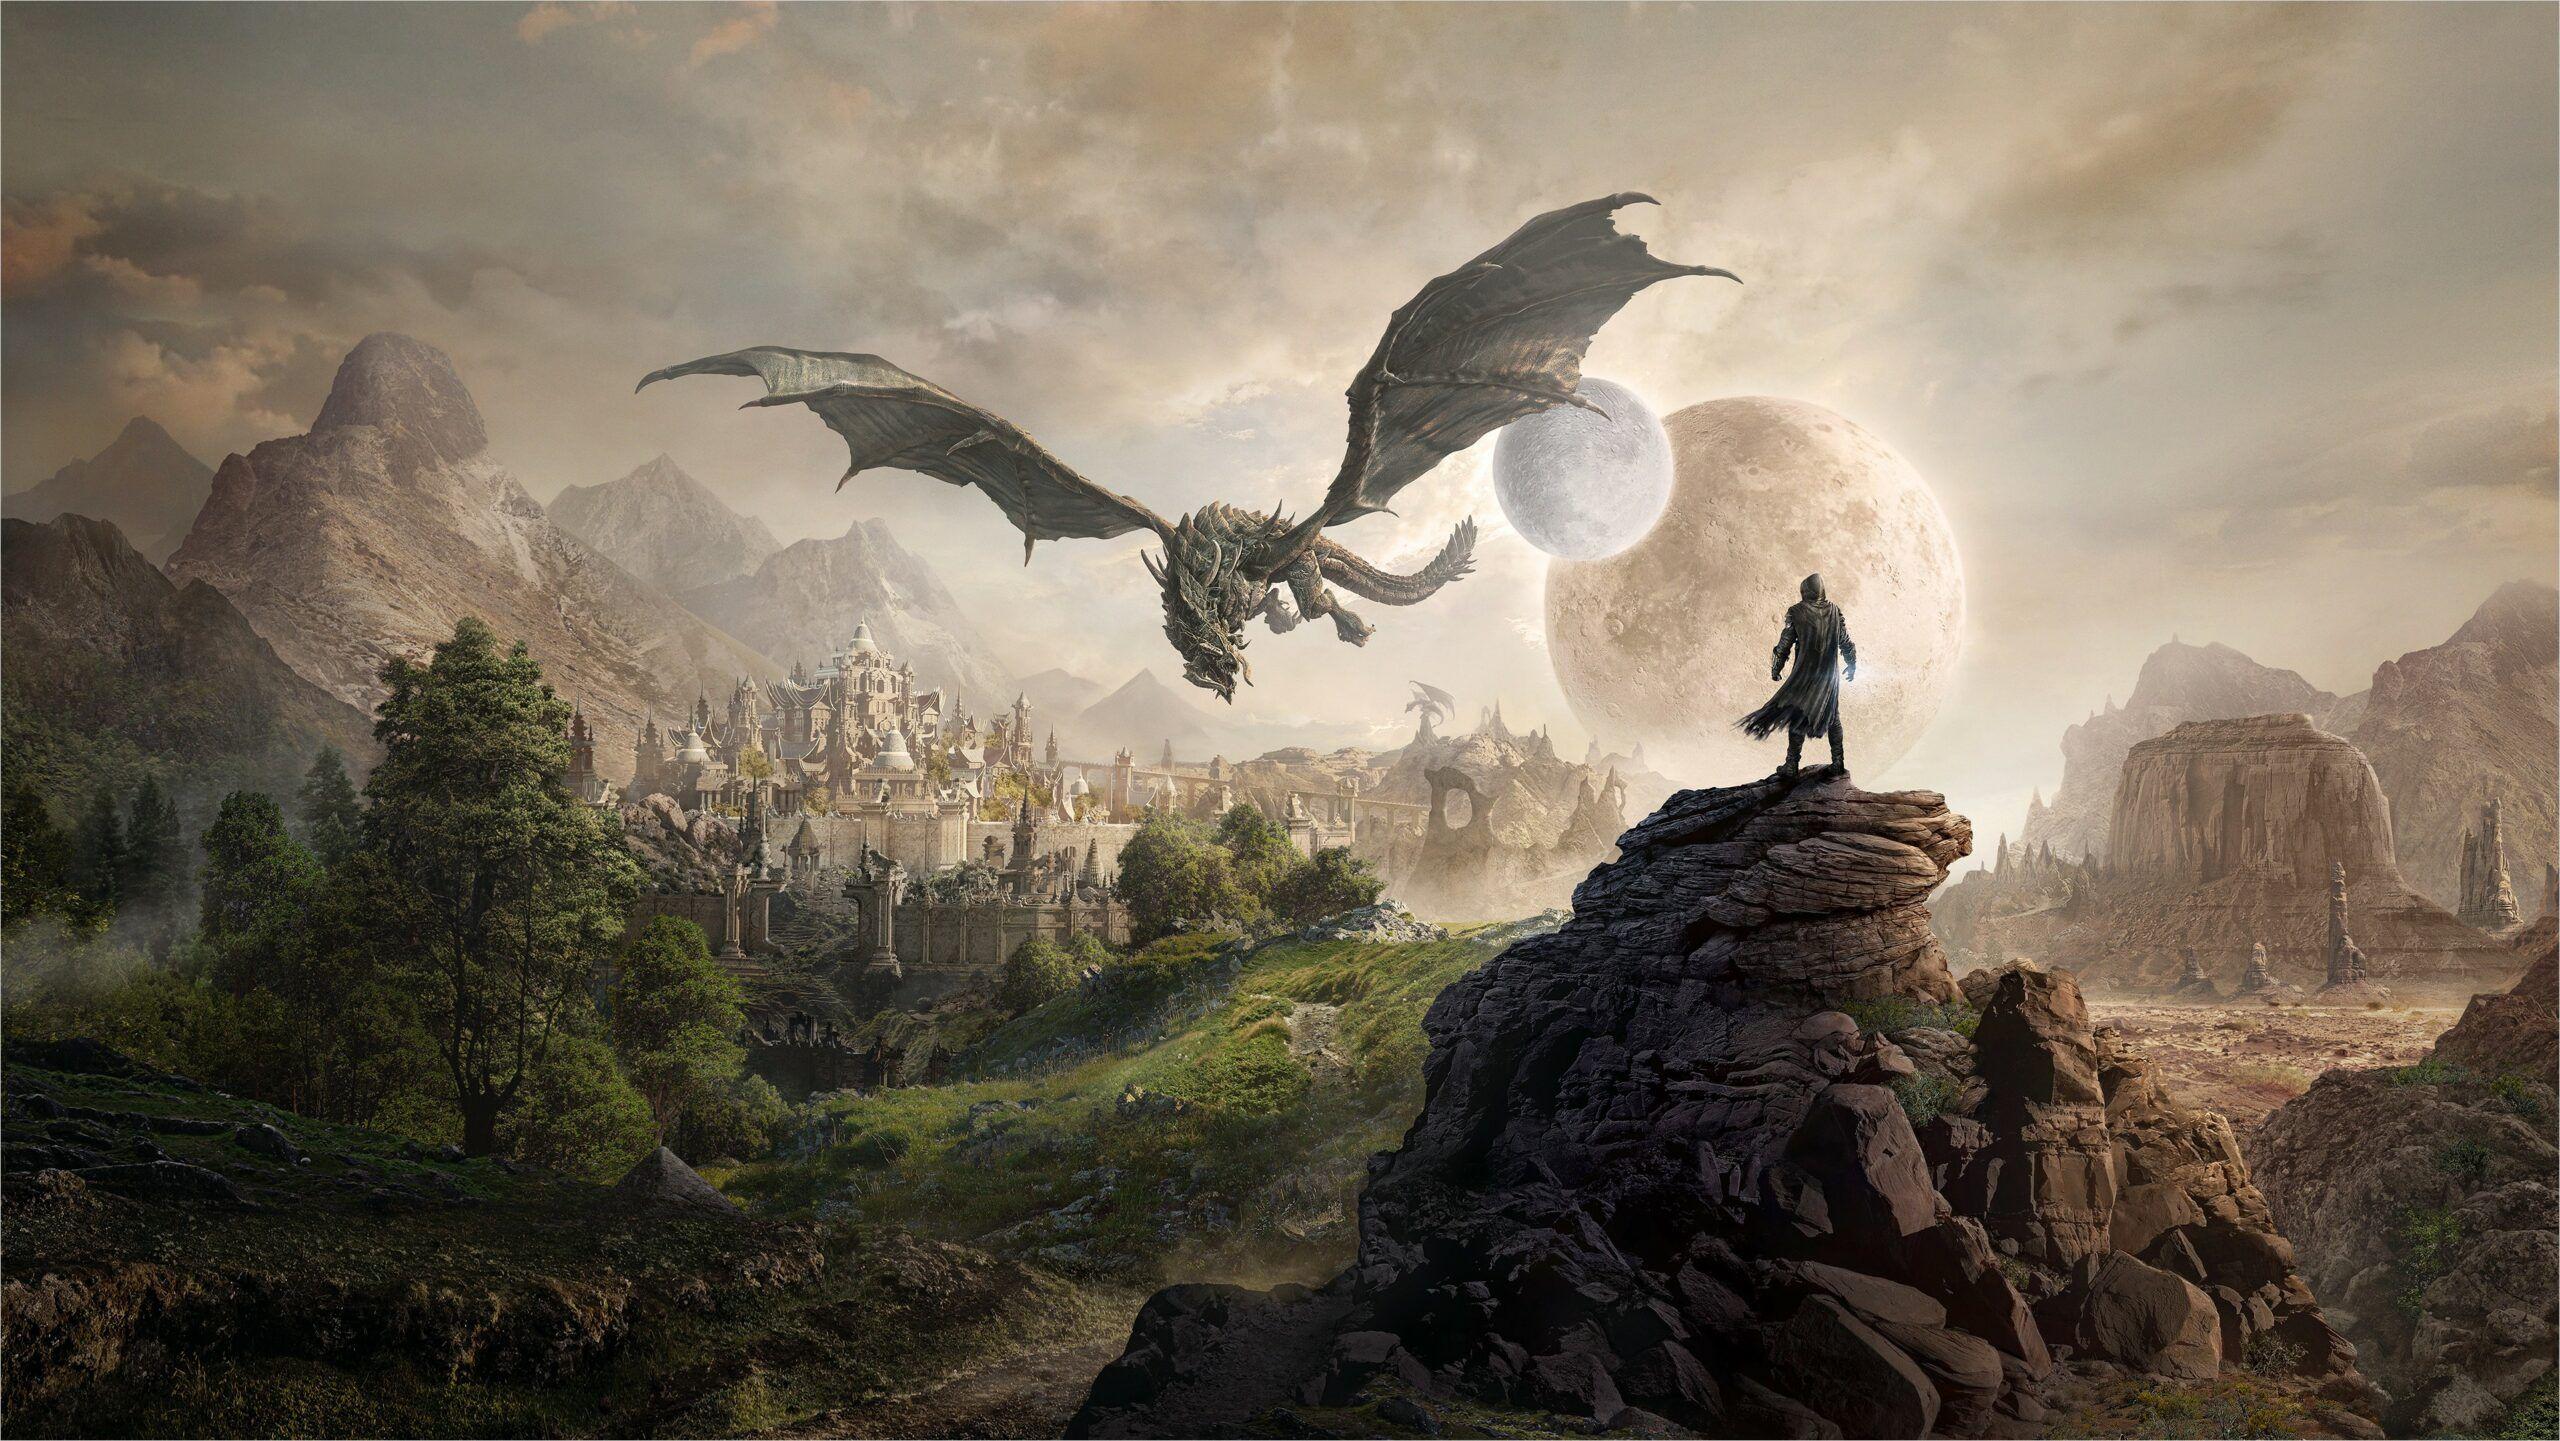 Elder Scrolls Wallpaper 4k In 2020 Elder Scrolls Online Elder Scrolls Skyrim Wallpaper